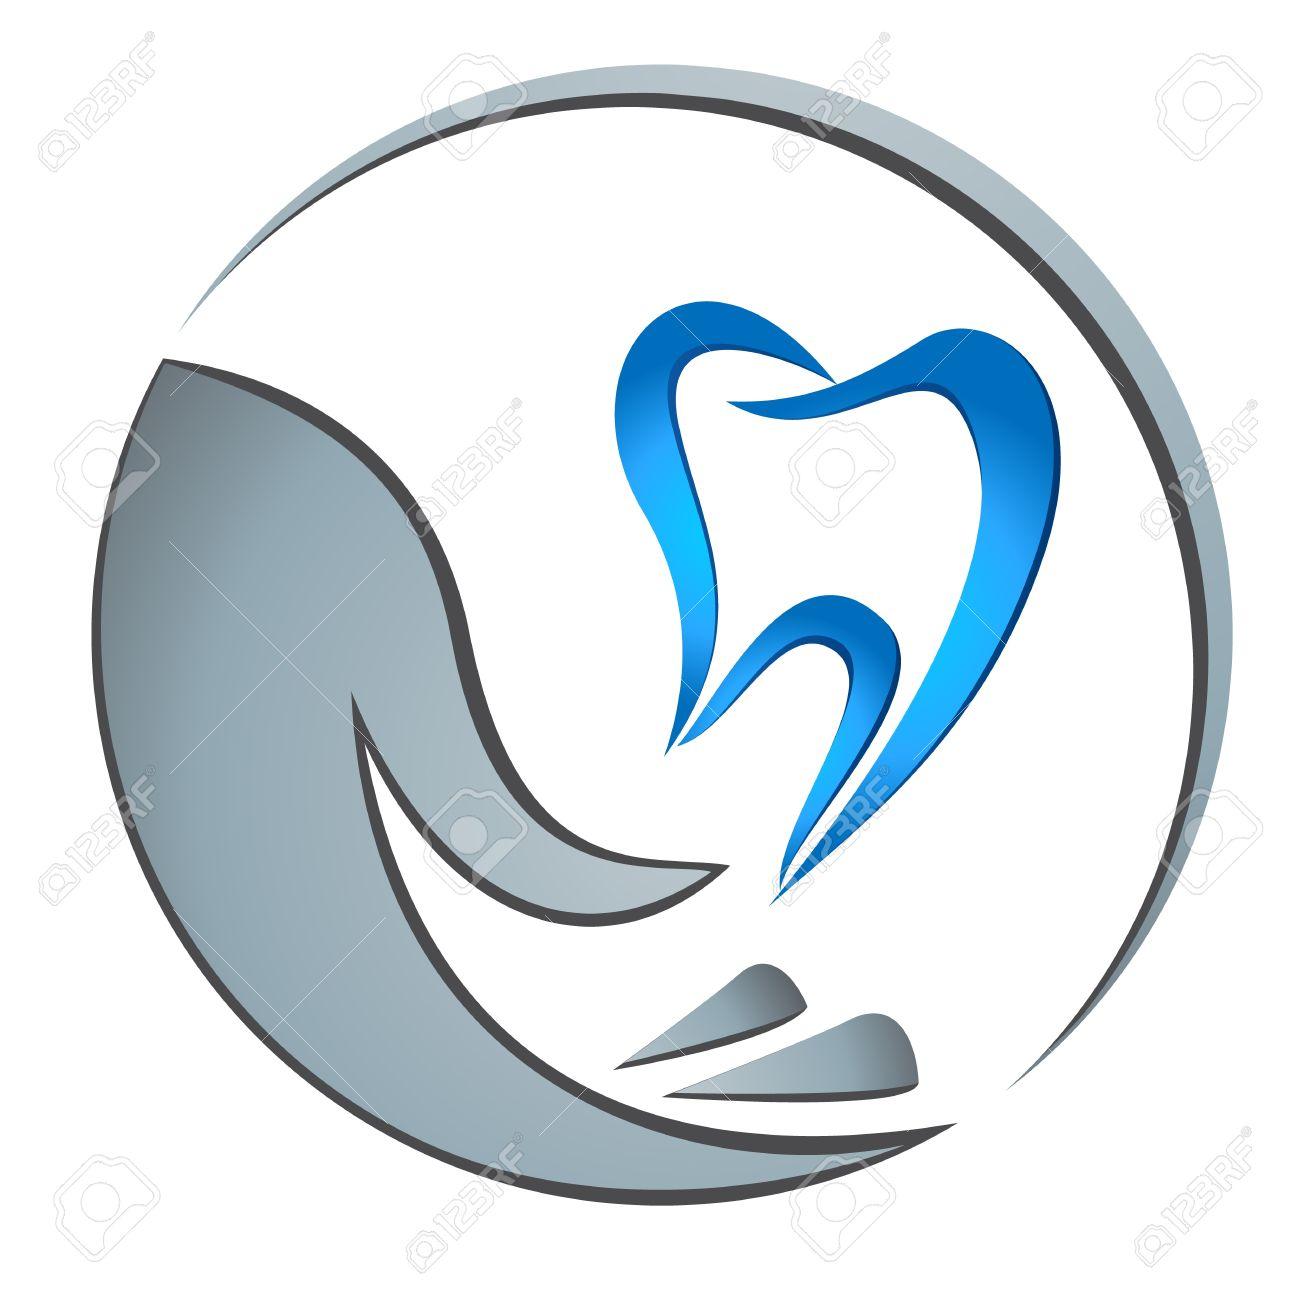 dental hygiene - 21808152